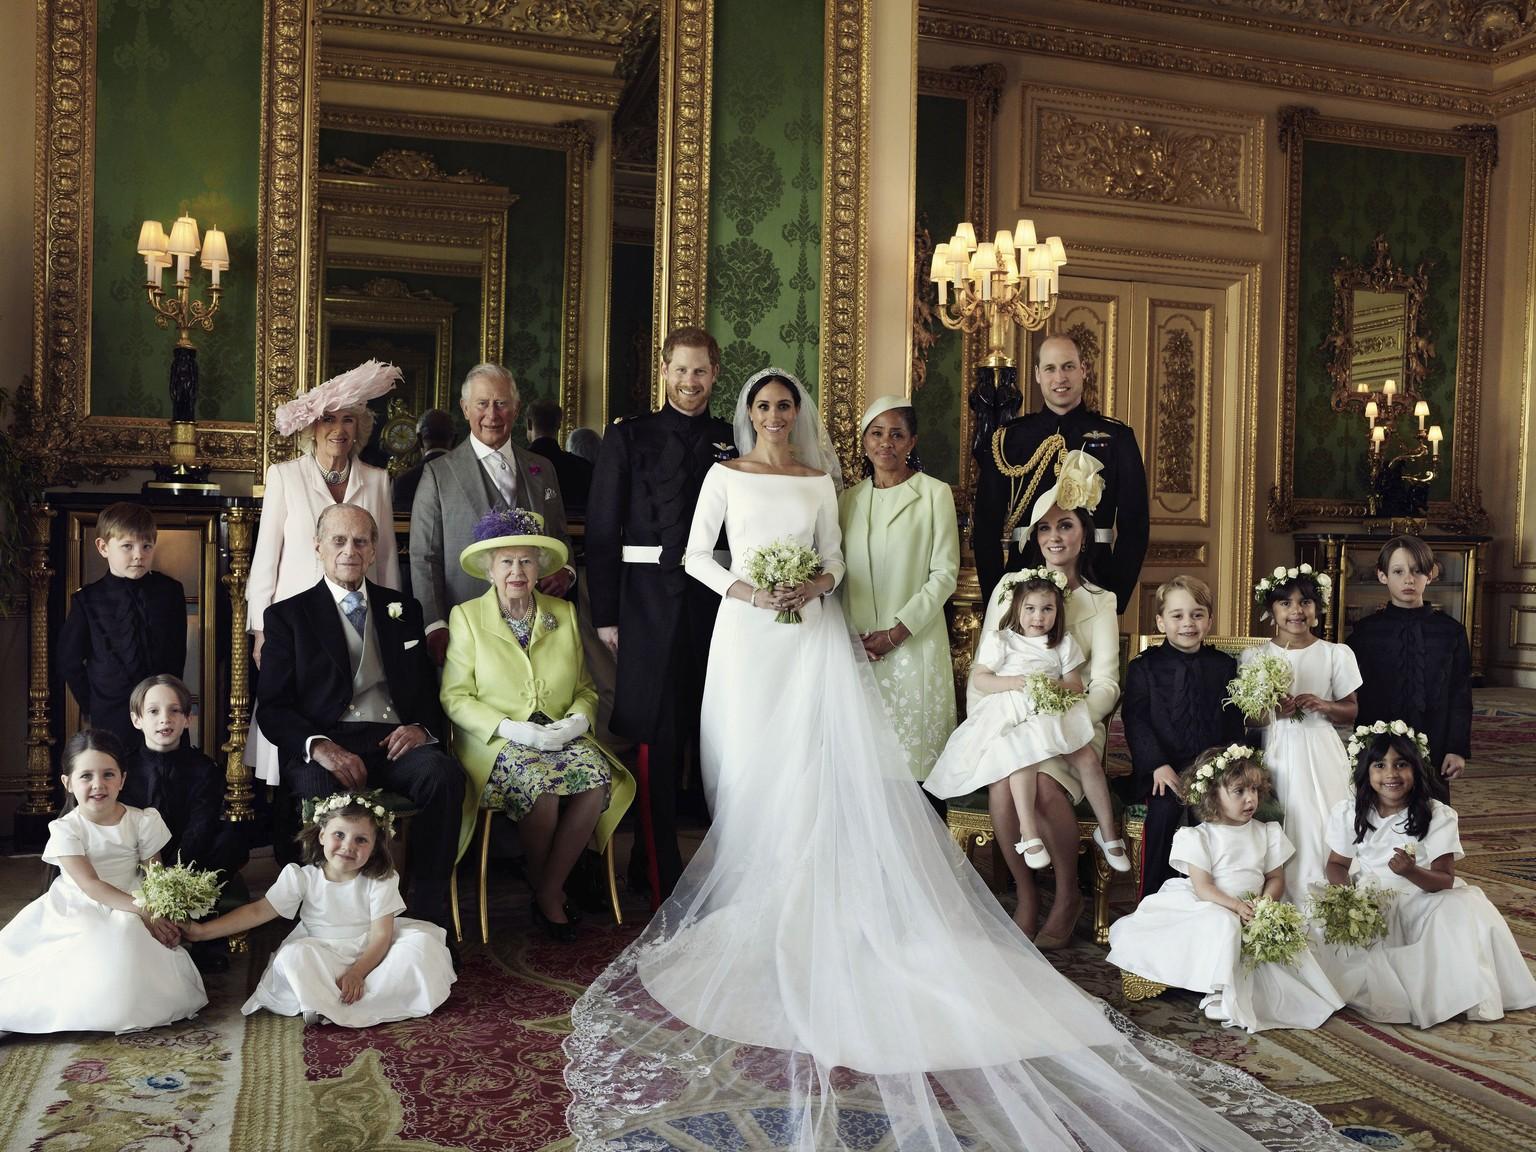 Sendung Verpasst 4 Hochzeiten Und Eine Traumreise Tag 1 Petra